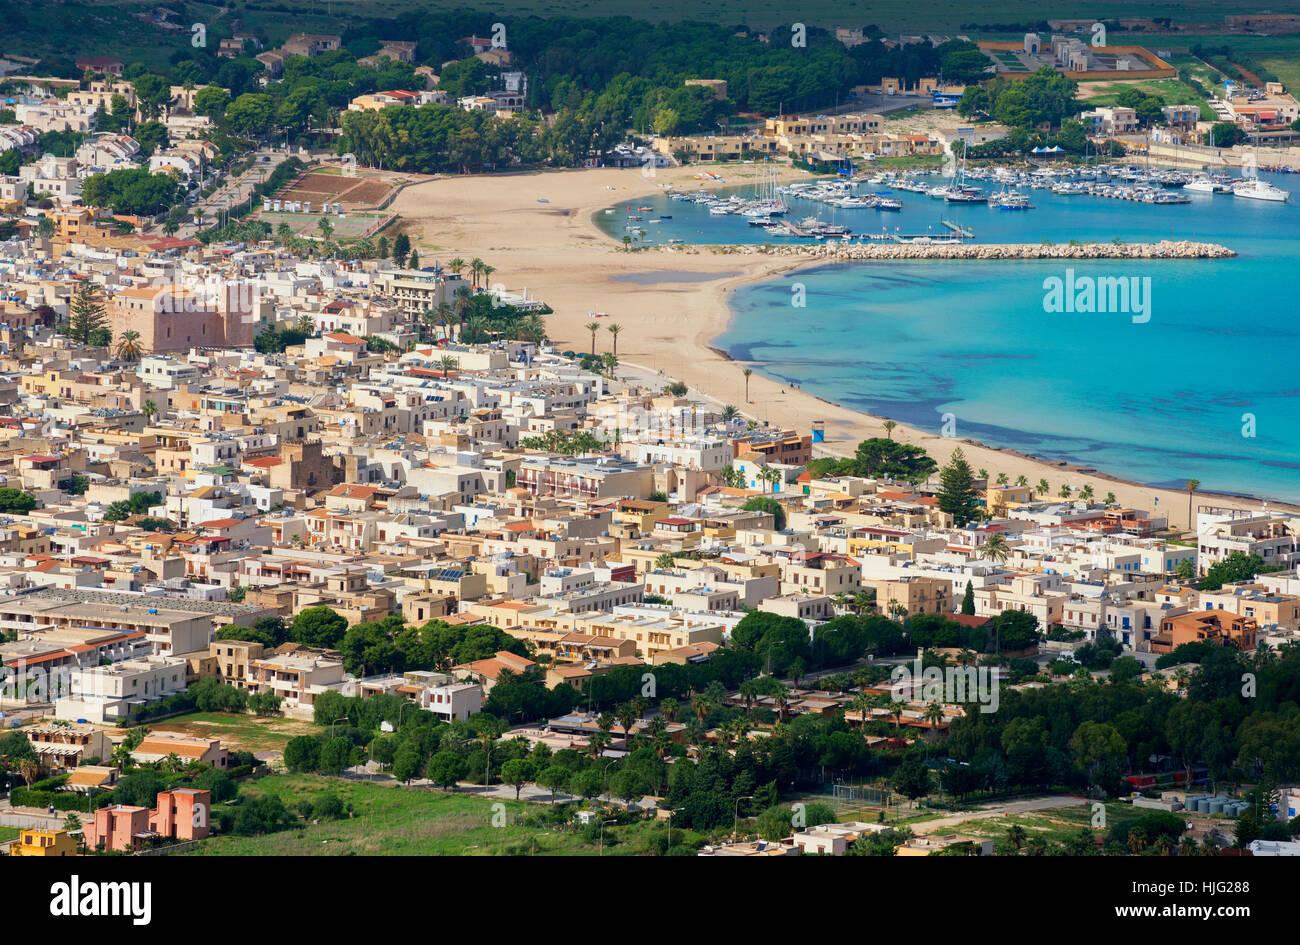 San Vito lo Capo, vista aerea, Sicilia, Italia Immagini Stock